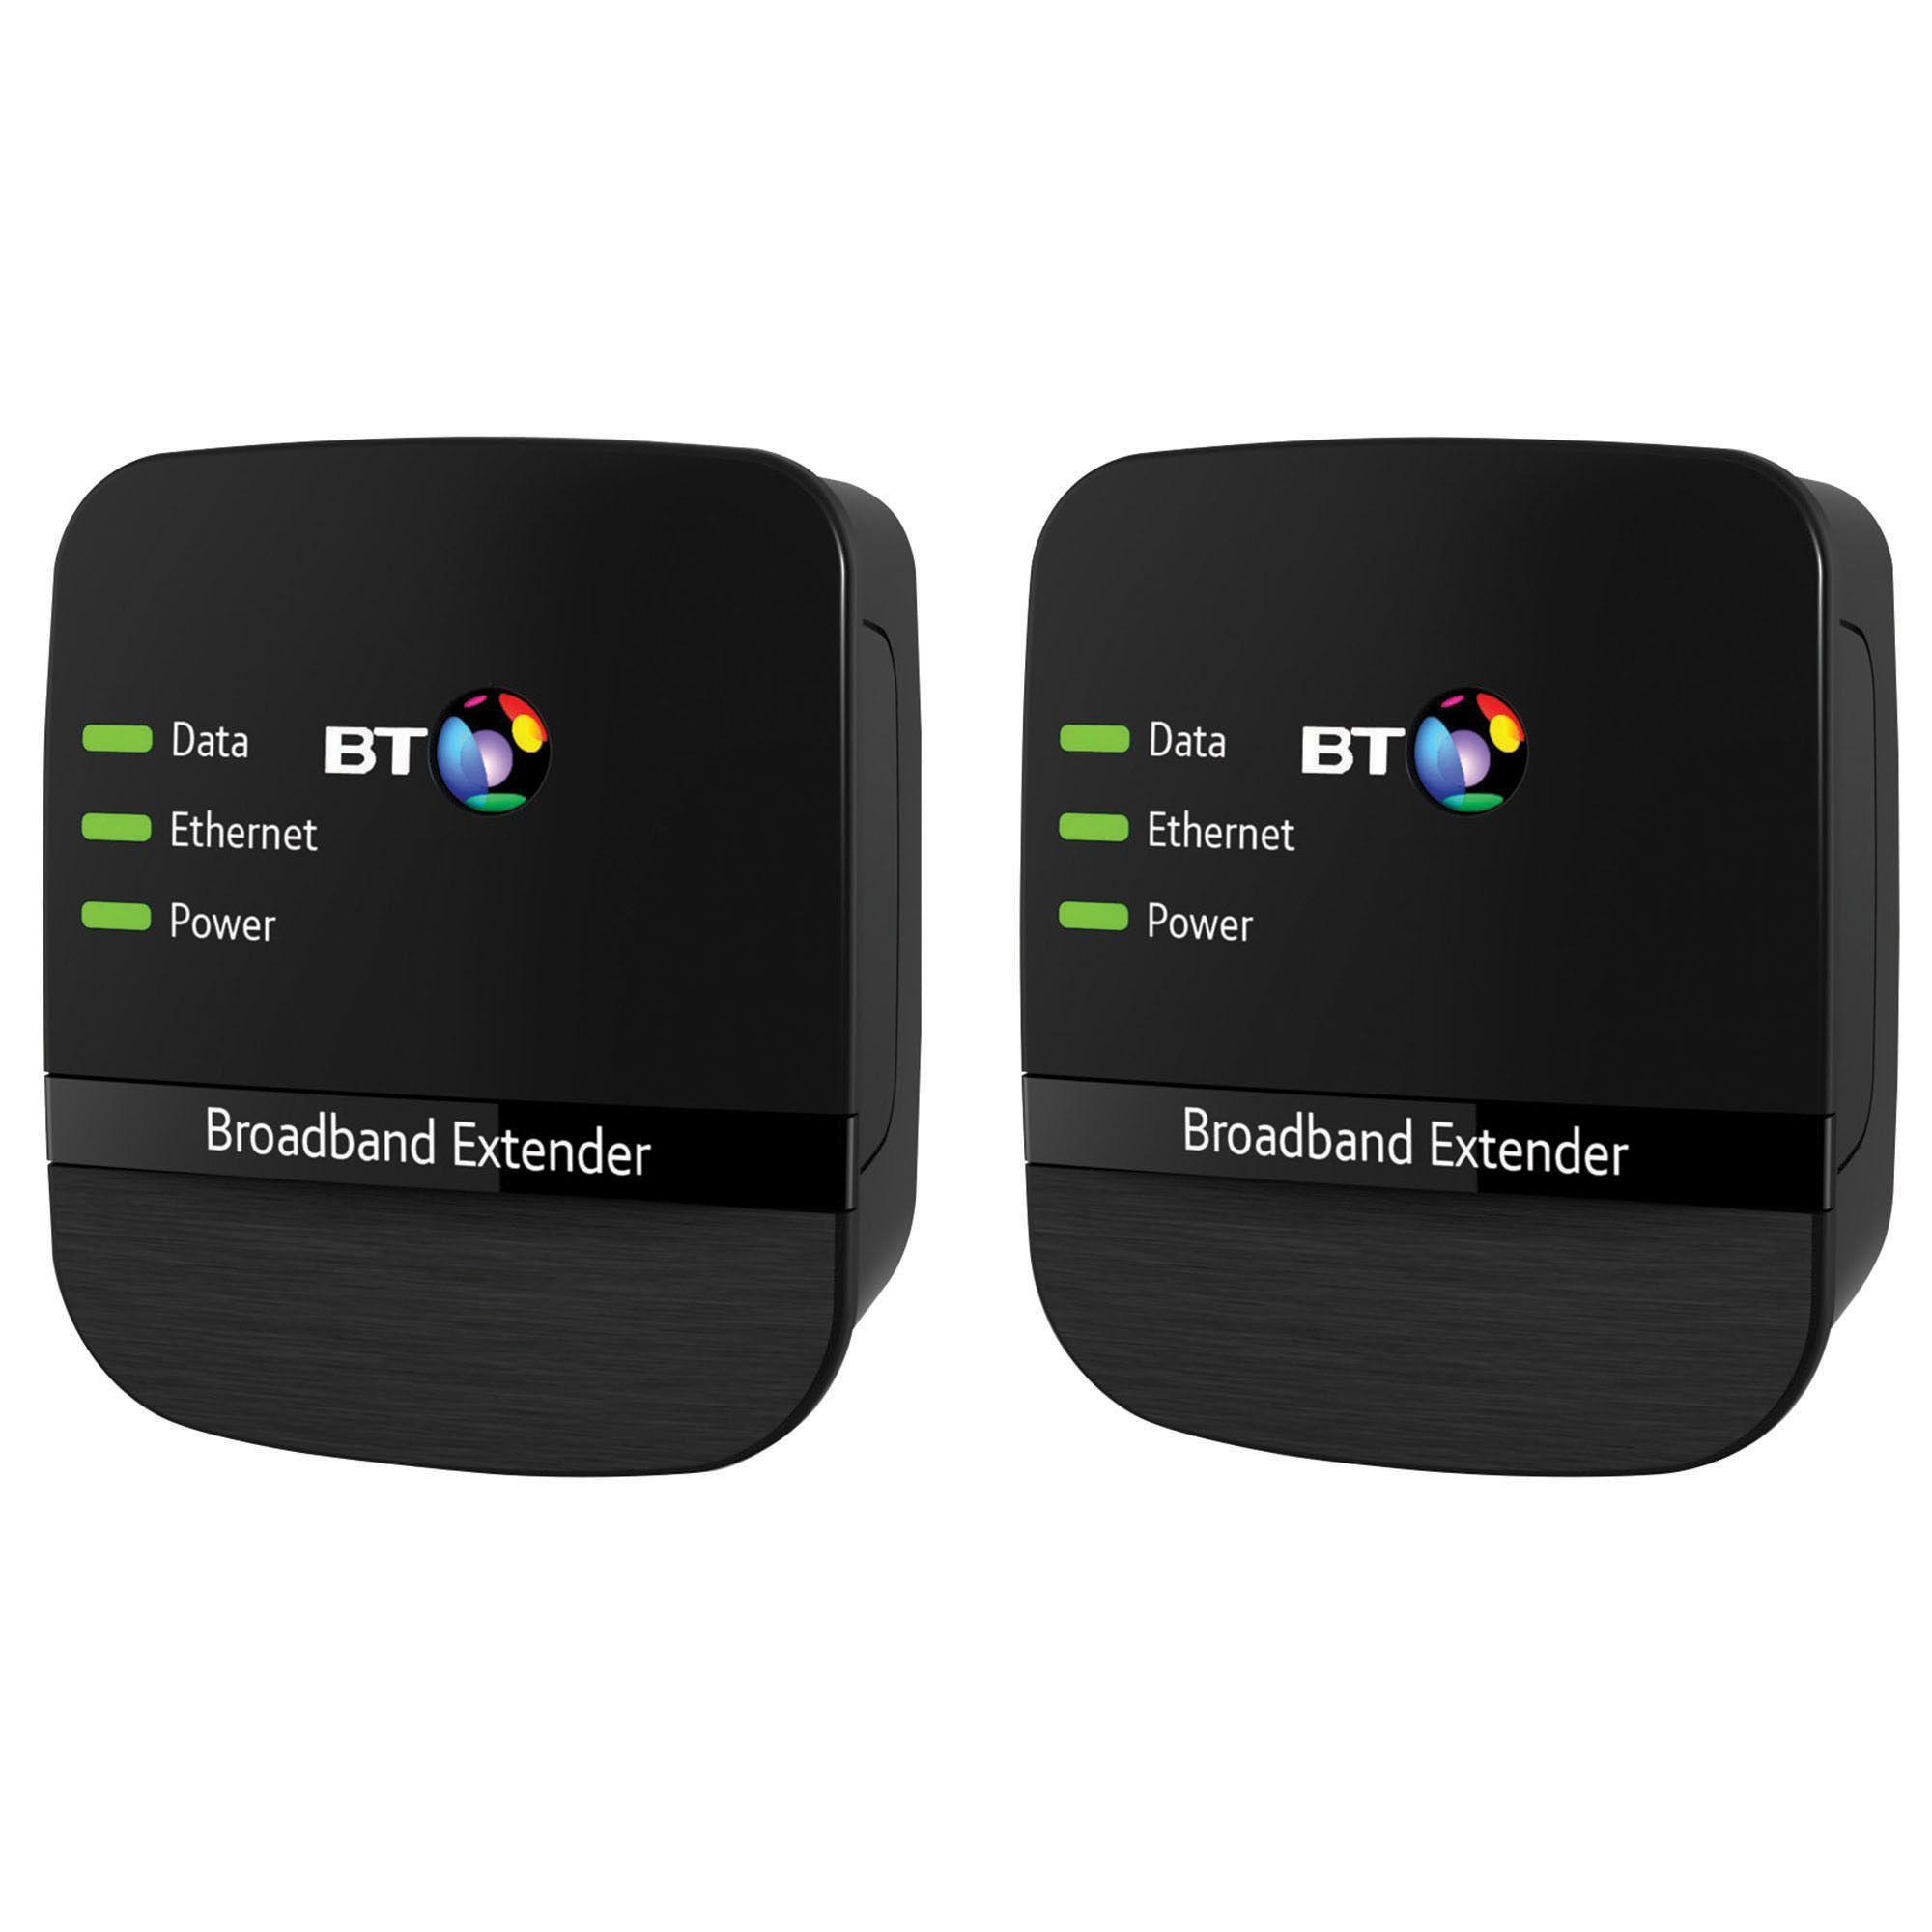 BT 500 Broadband Extender Kit | Departments | DIY at B&Q